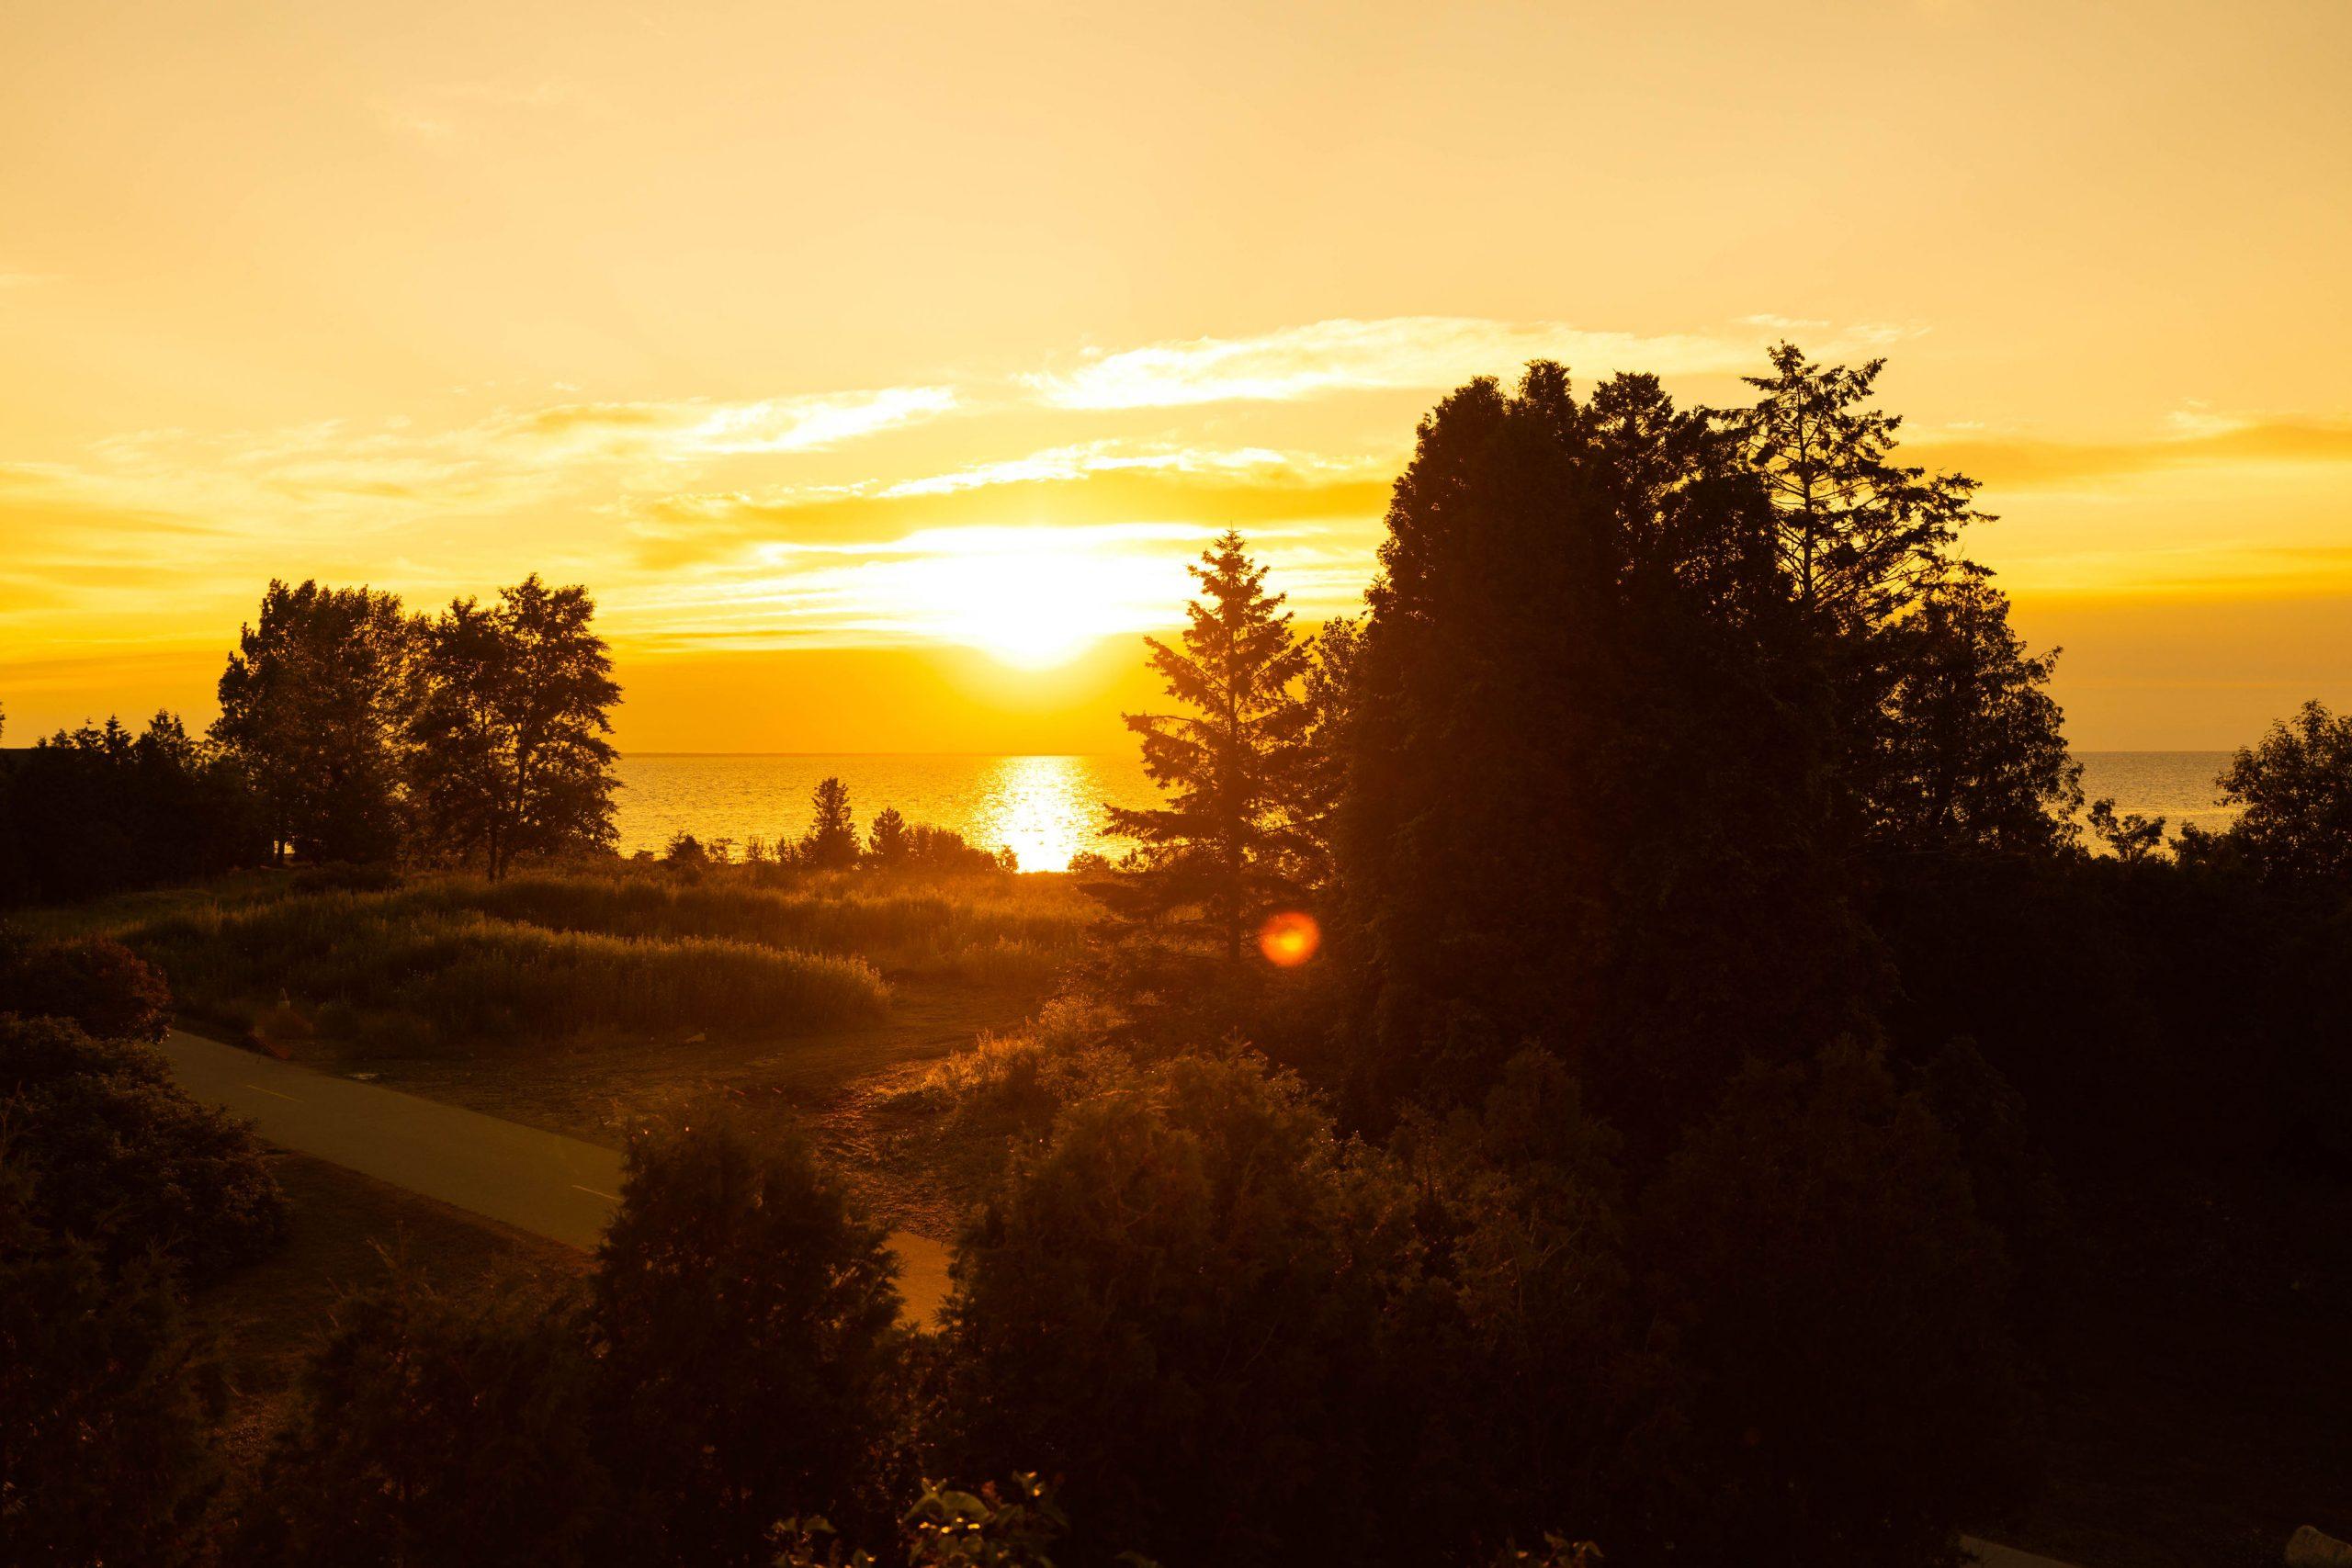 Sunset Over Mission Point Resort on Mackinac Island Michigan by Annie Fairfax @AnnieFairfax